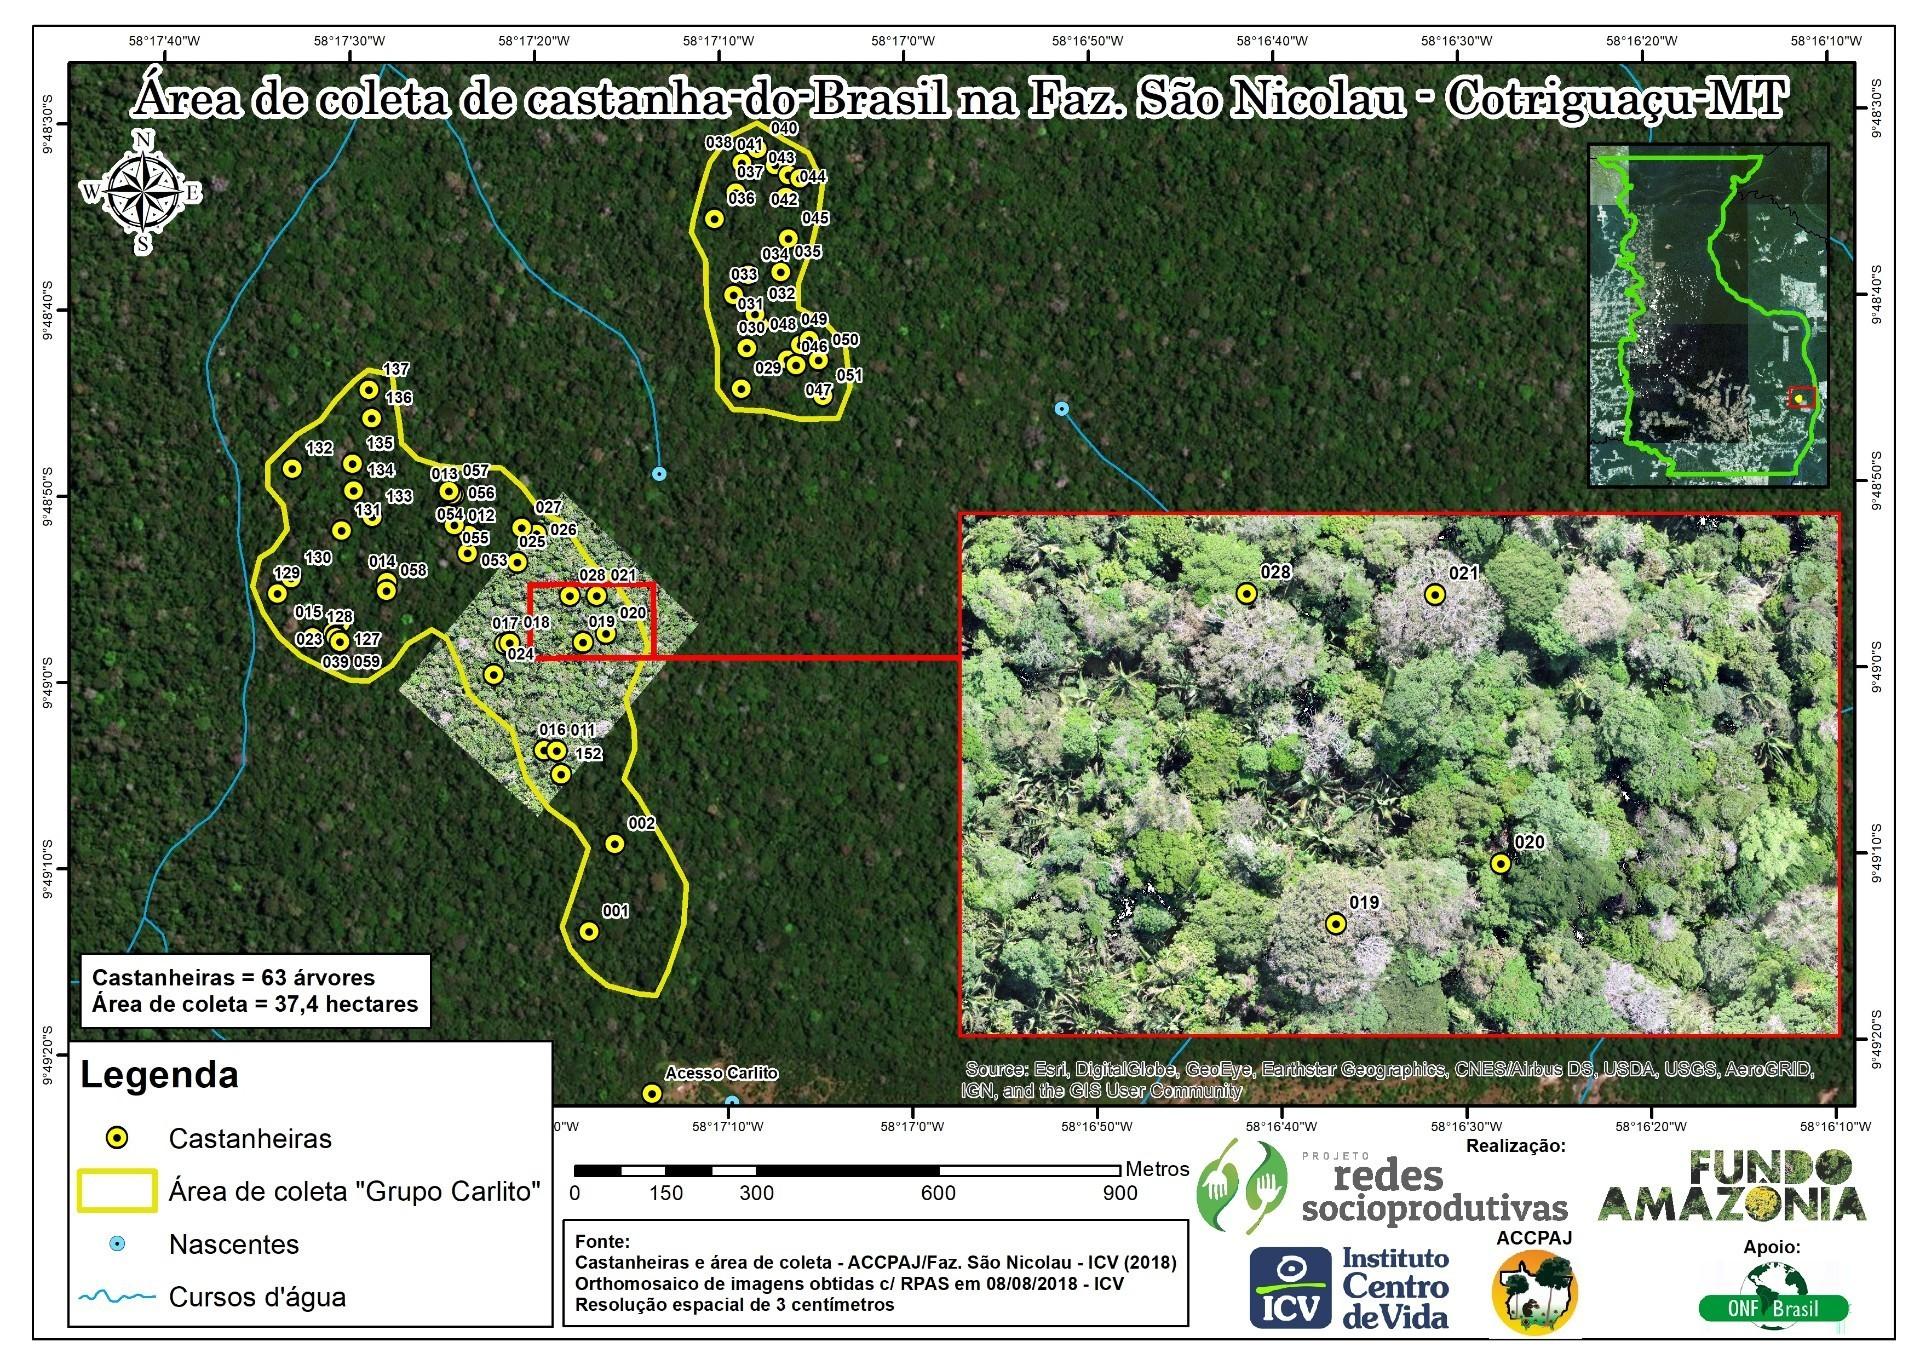 Mapas das áreas de coleta de castanhas na Fazenda São Nicolau (Imagem: ICV)